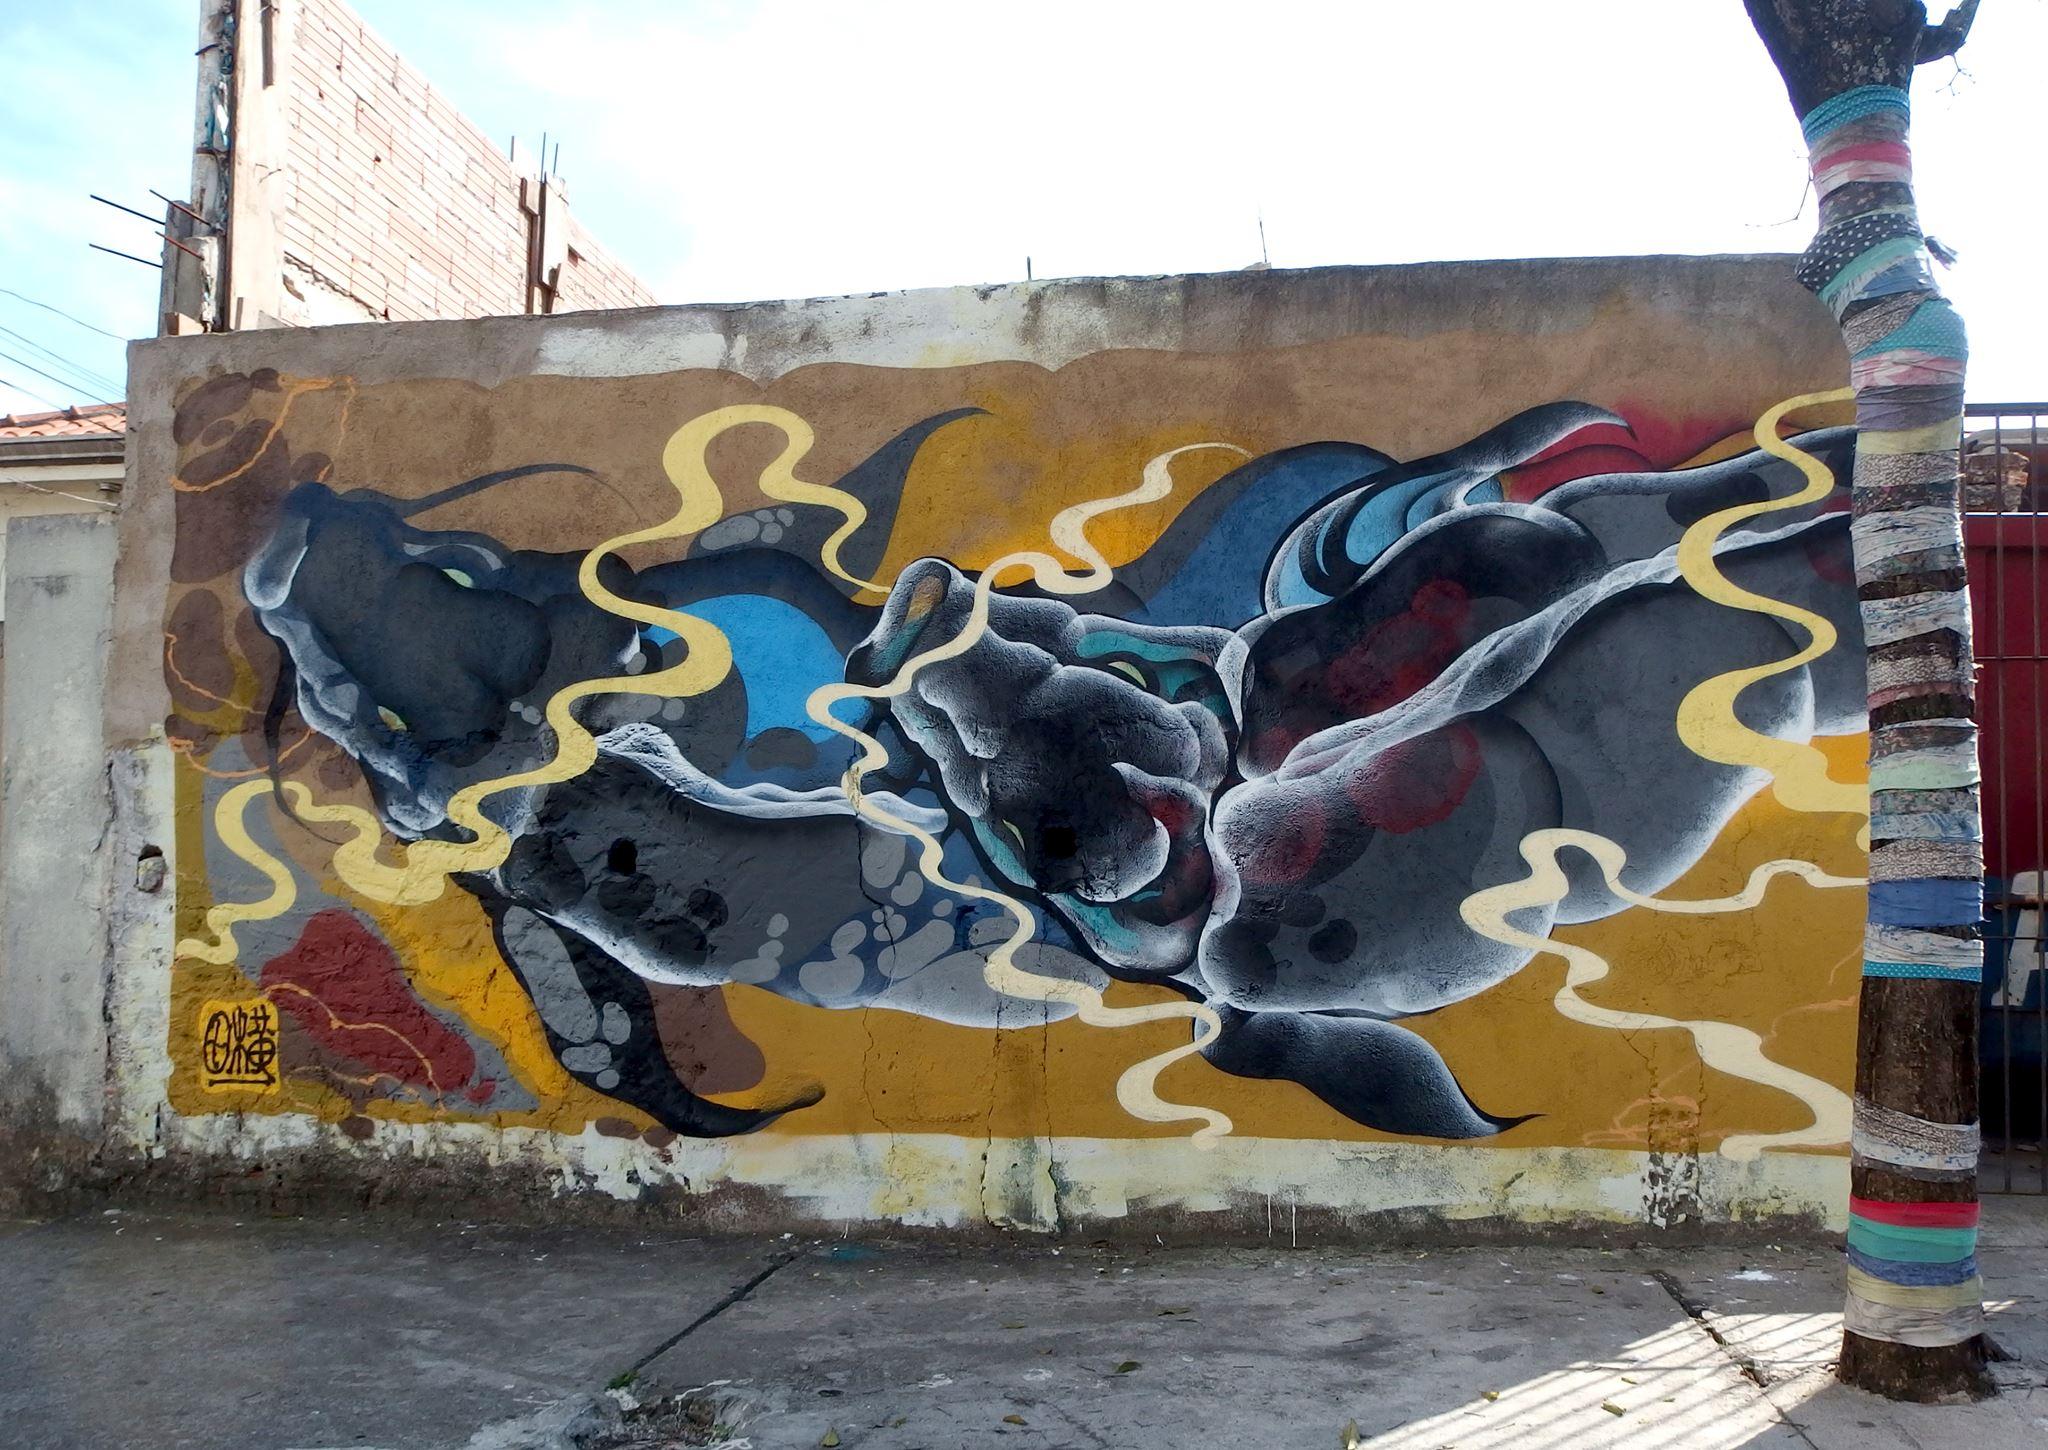 titi freak graffiti sp street art (20)